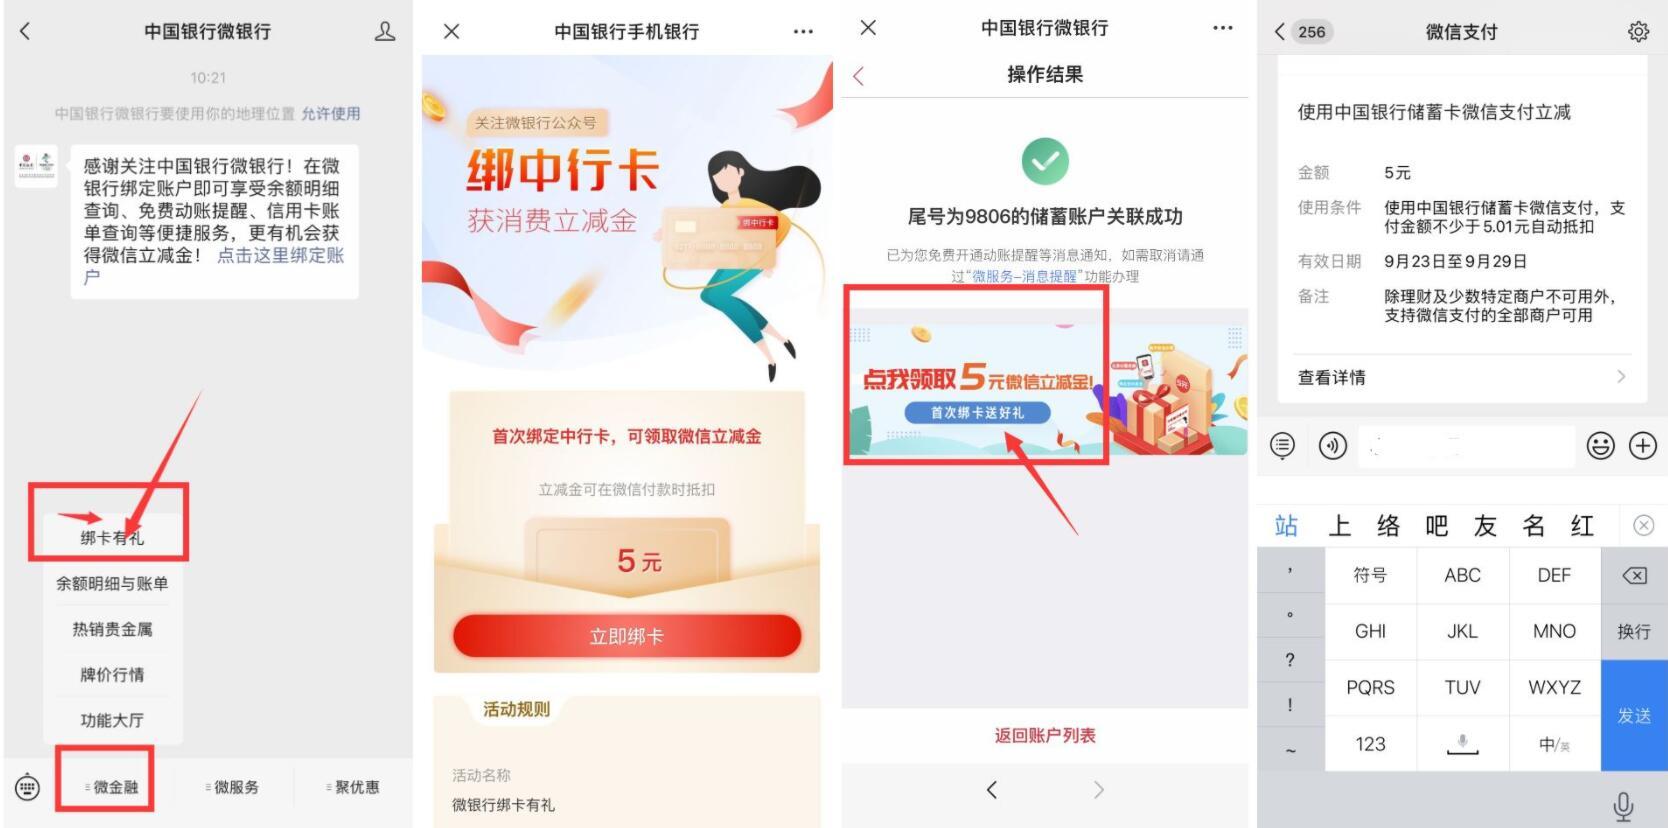 中国银行微银行领5元立减金活动